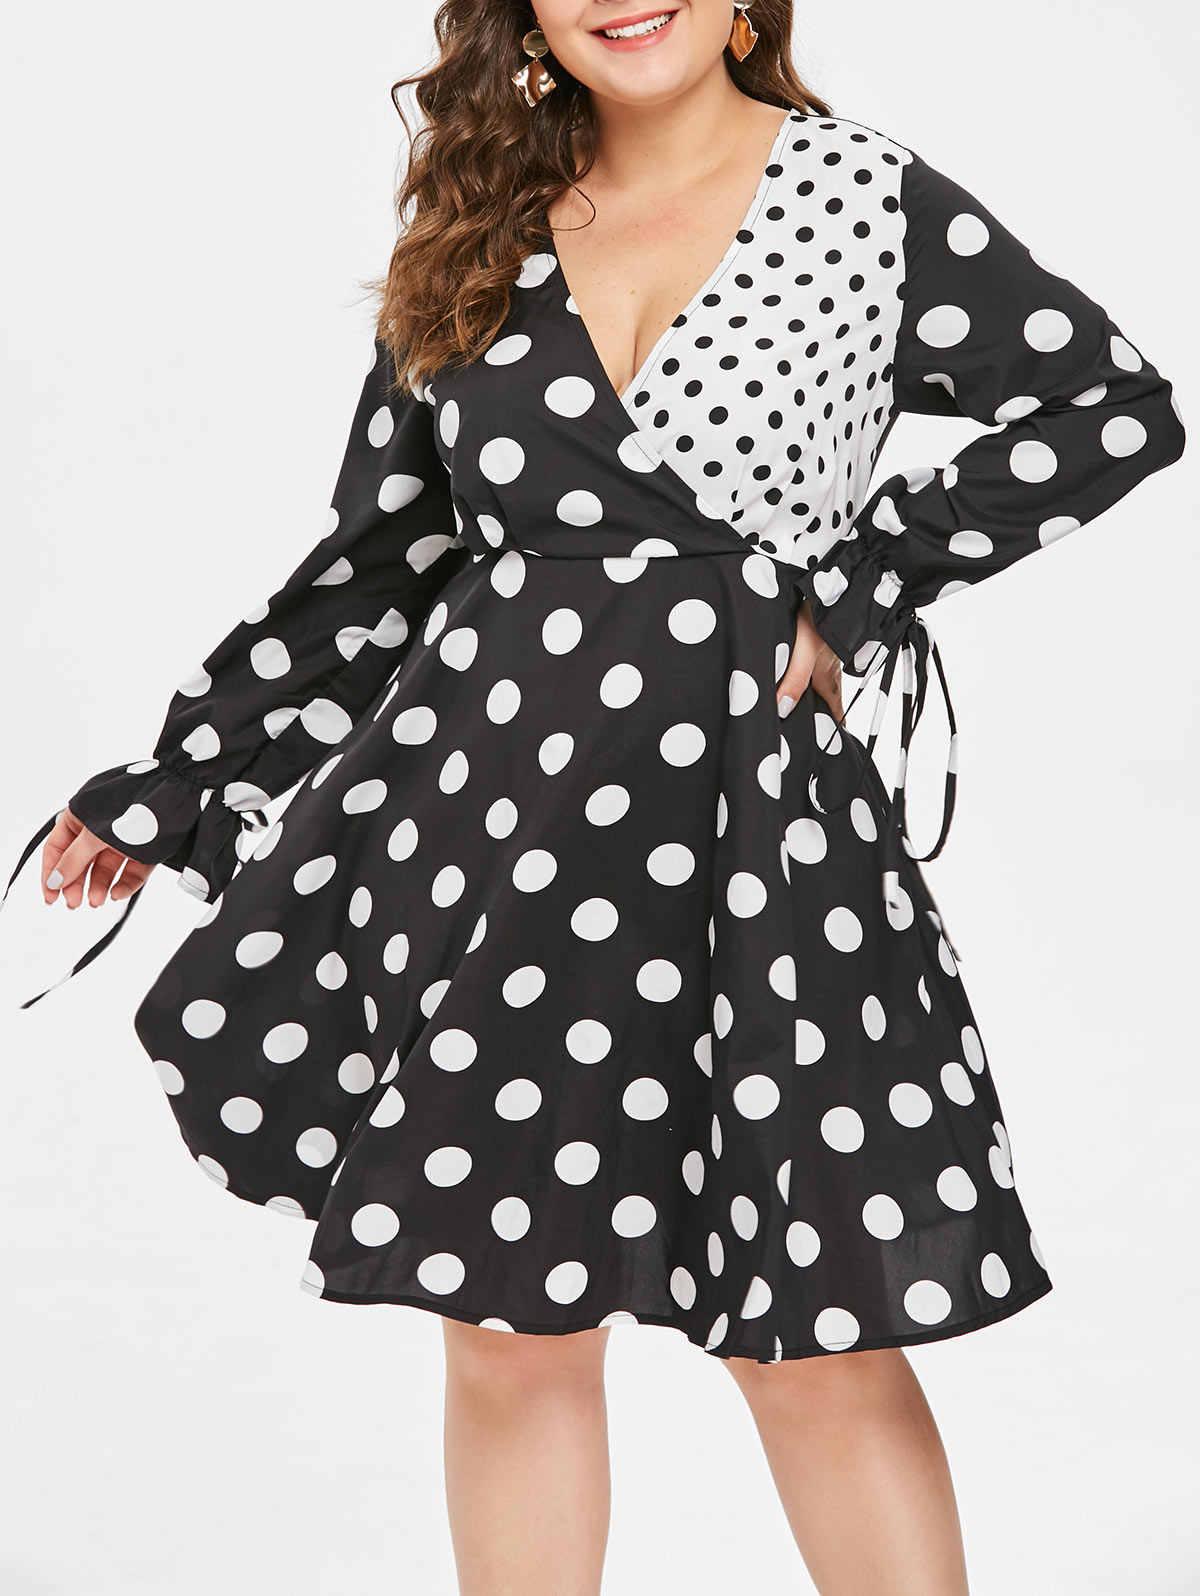 Wisalo женское платье большого размера в горошек, контрастное платье для серфинга, v-образный вырез, завышенная талия, завязанное расклешенными рукавами, Повседневное платье 5XL Vestidos